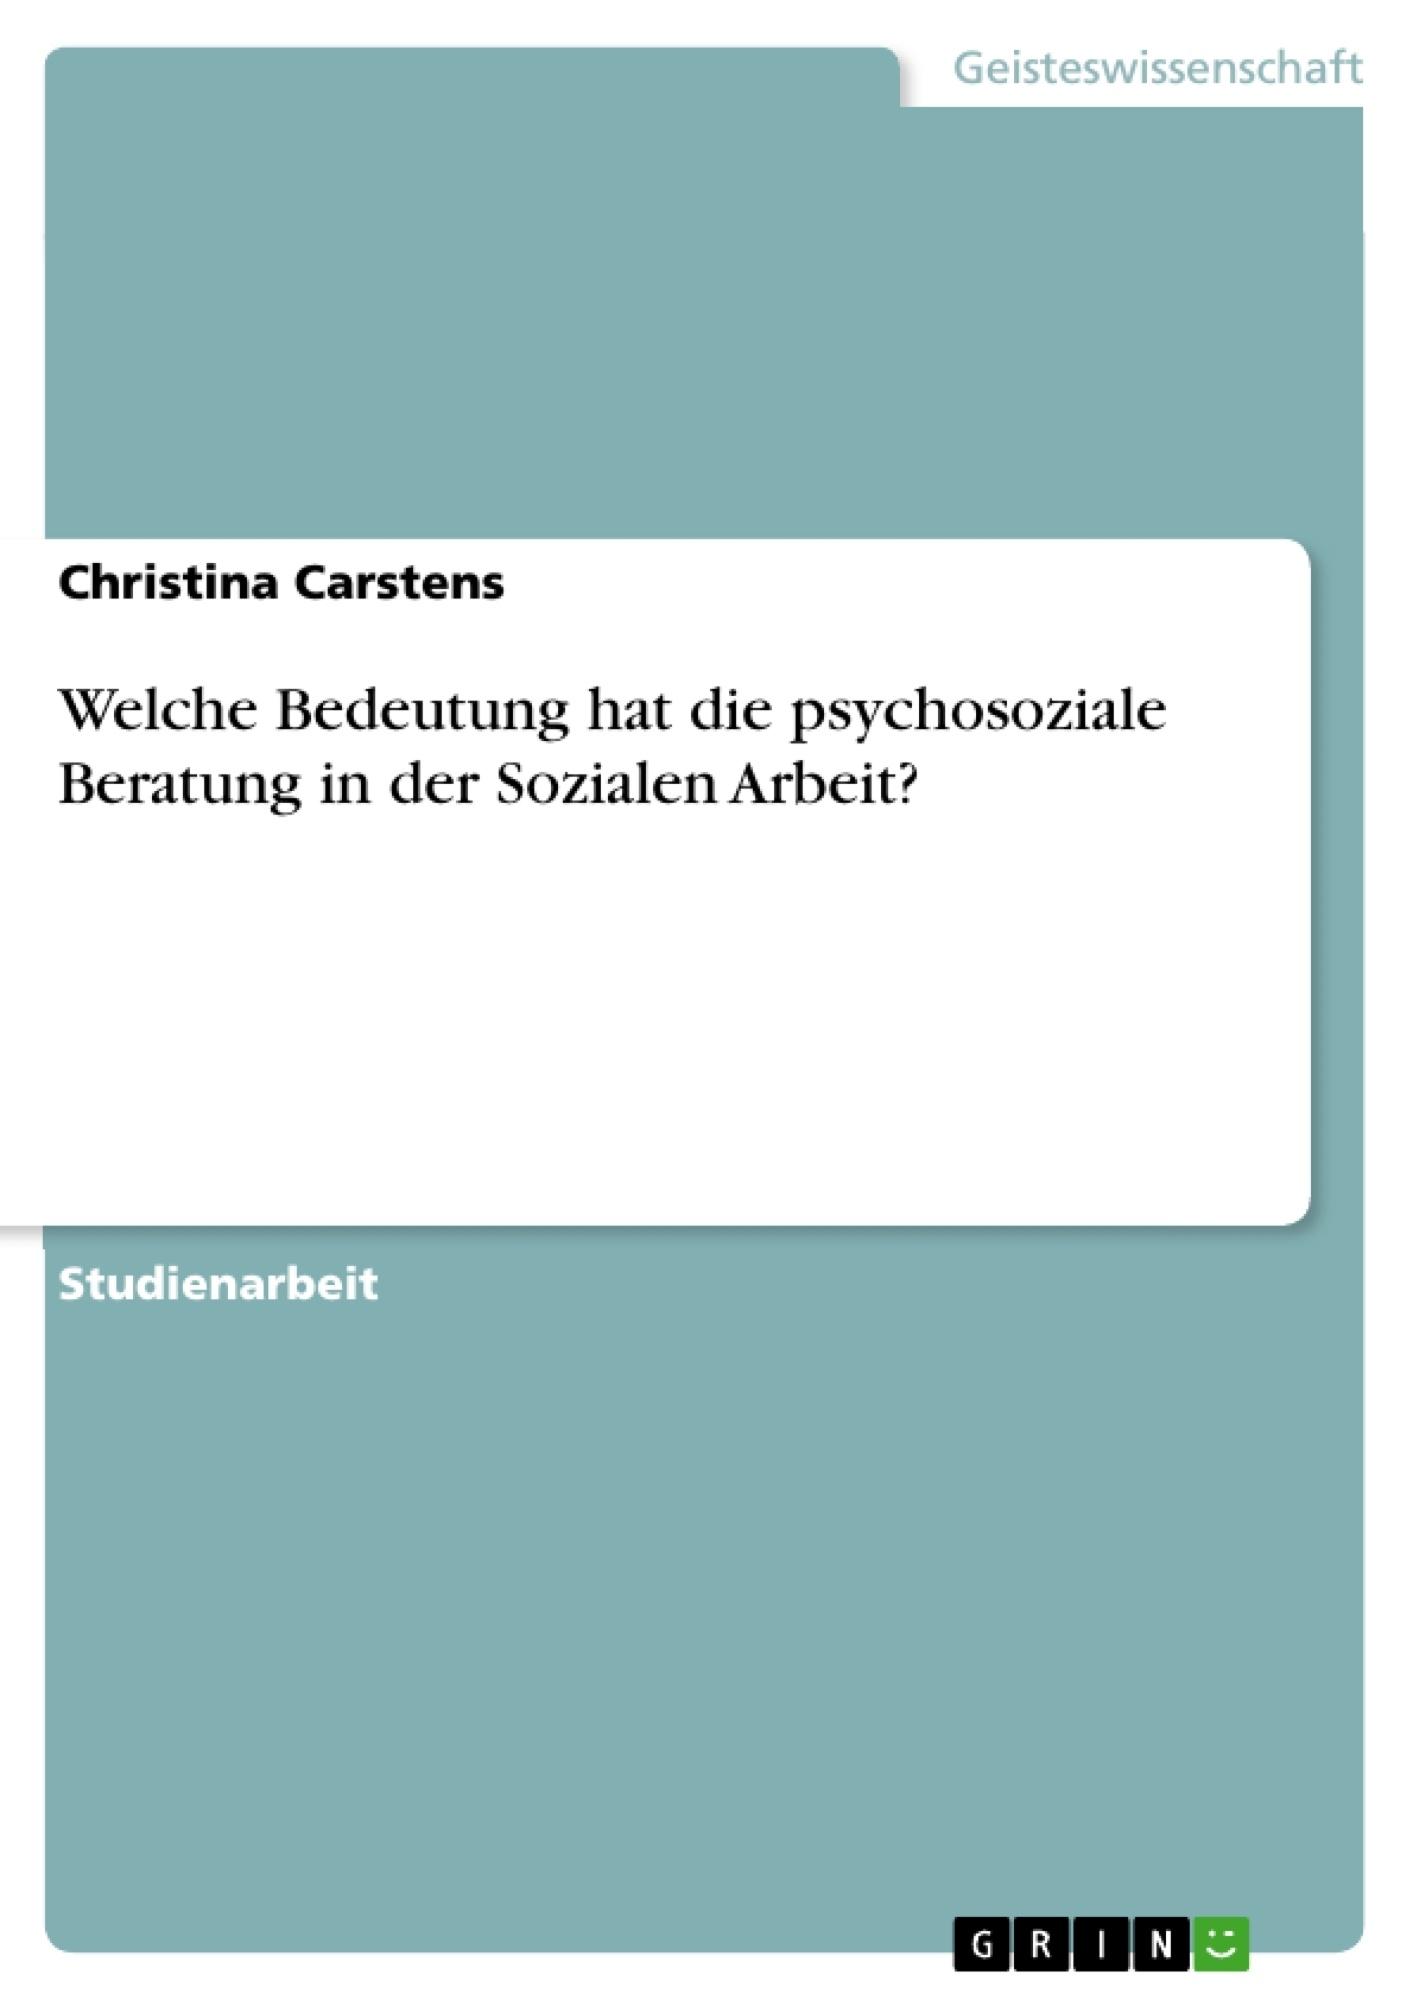 Titel: Welche Bedeutung hat die psychosoziale Beratung in der Sozialen Arbeit?